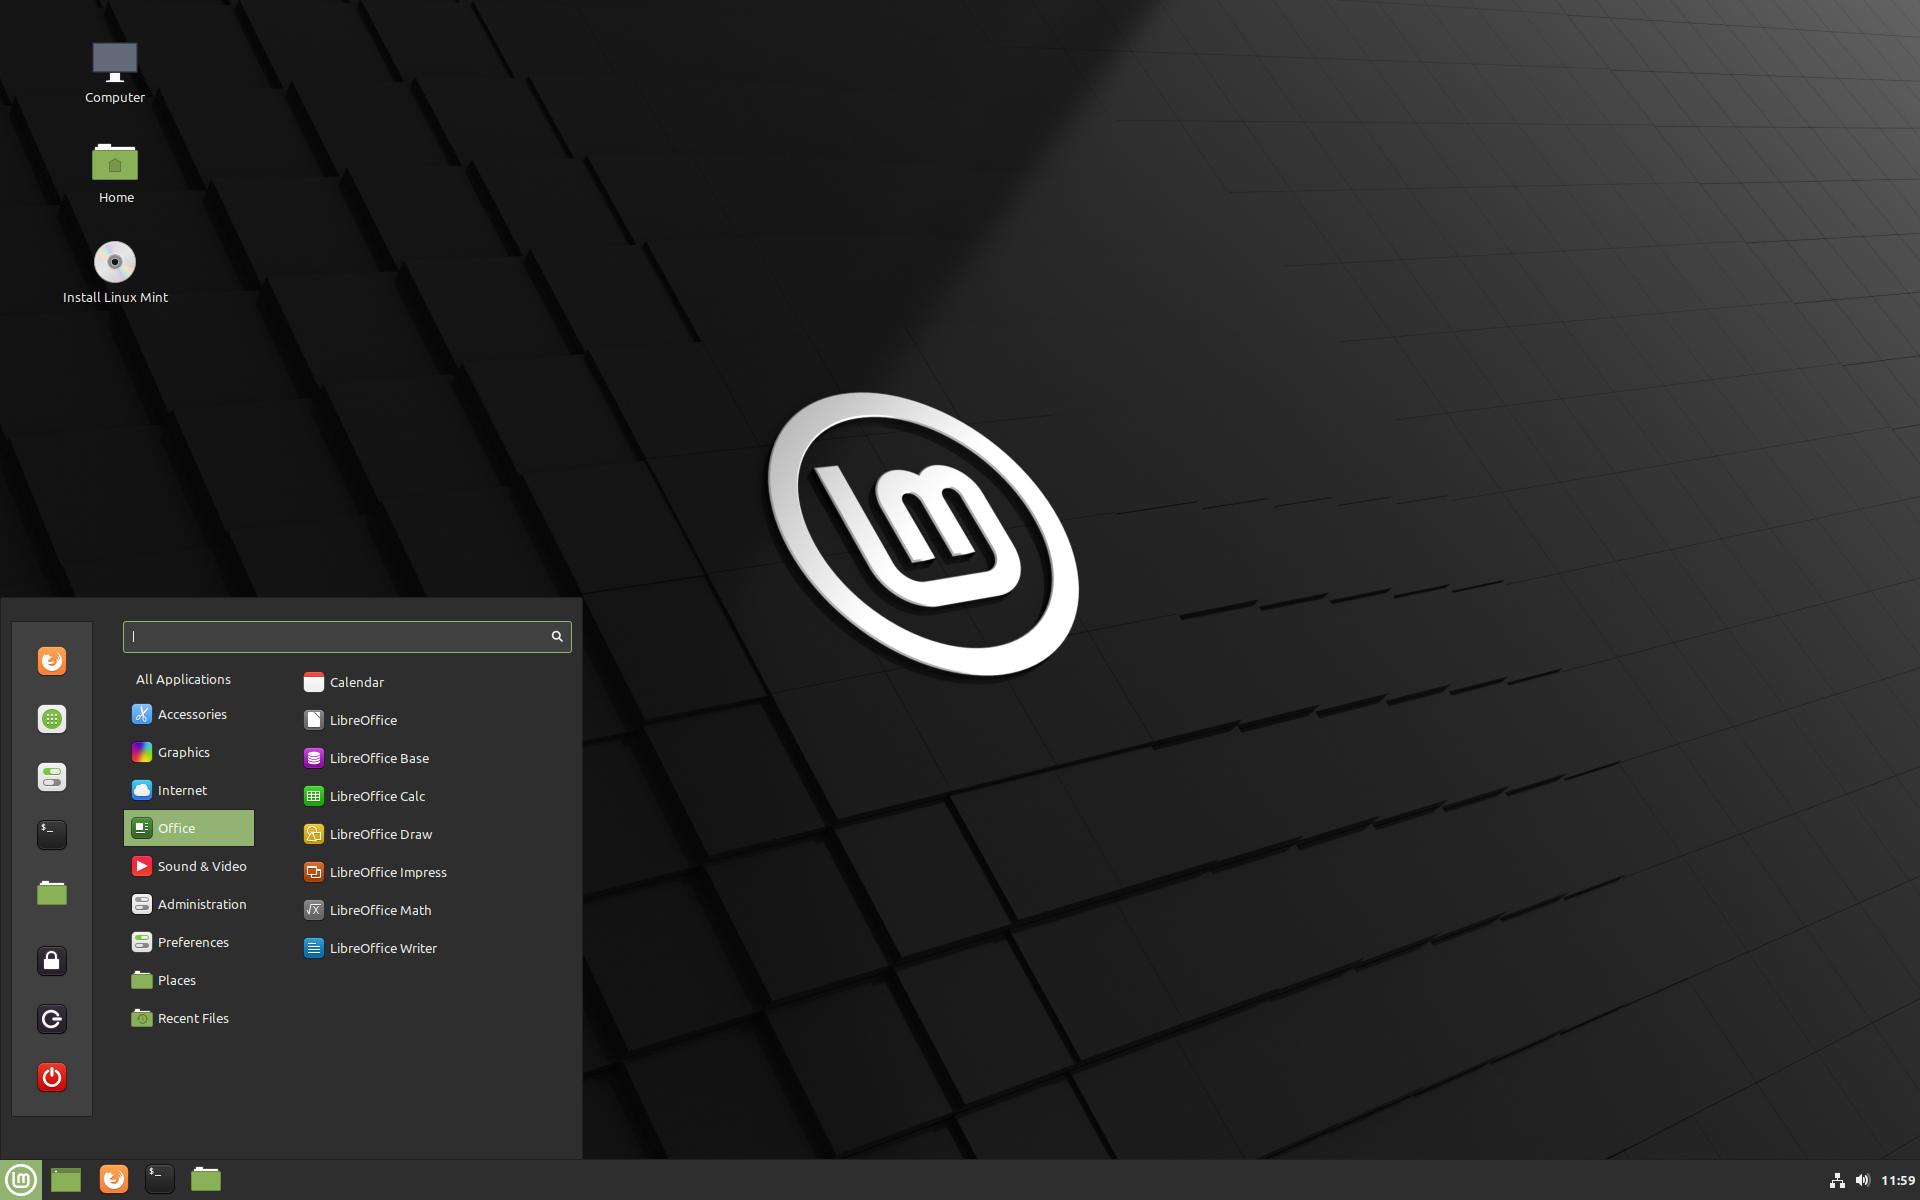 Linux Mint start menu